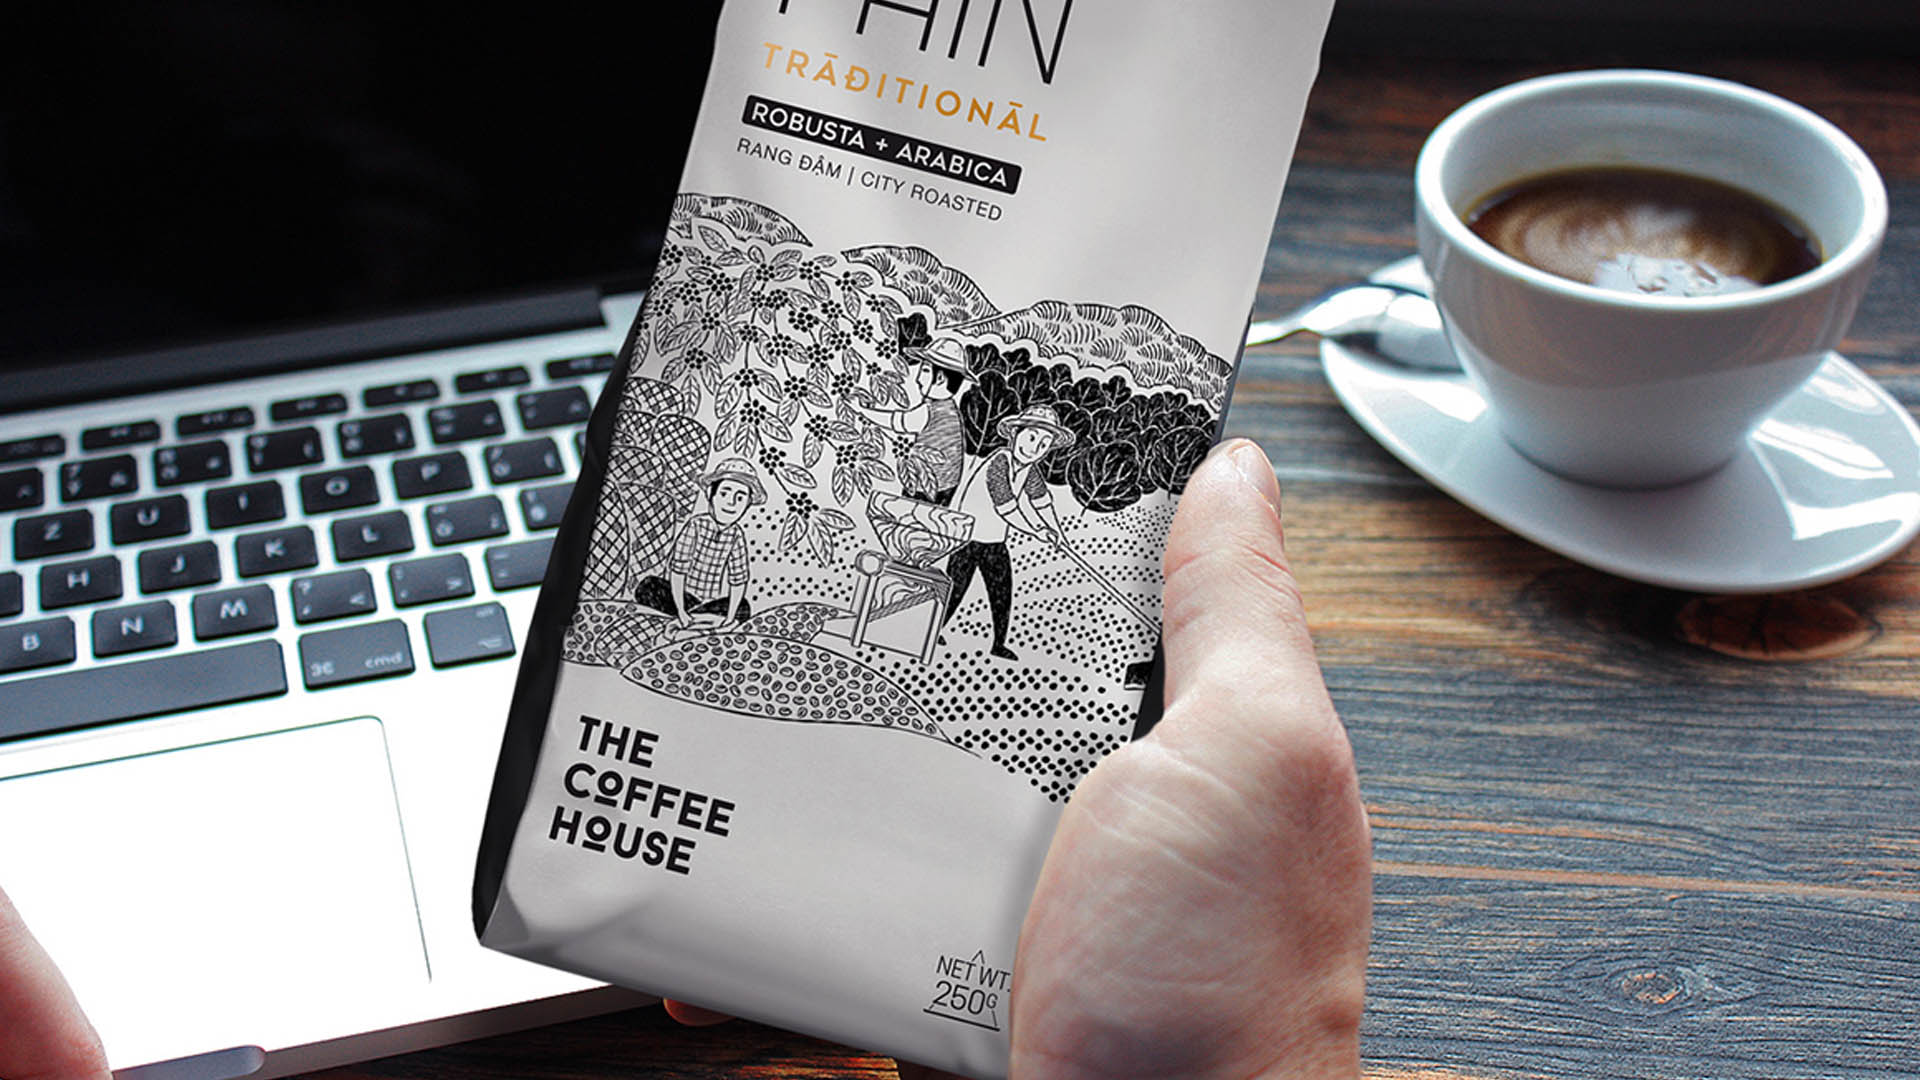 <h1>CẢM HỨNG PACKAGING</h1><p>Một dự án packaging về cà phê của The Coffee House thật độc đáo</p>